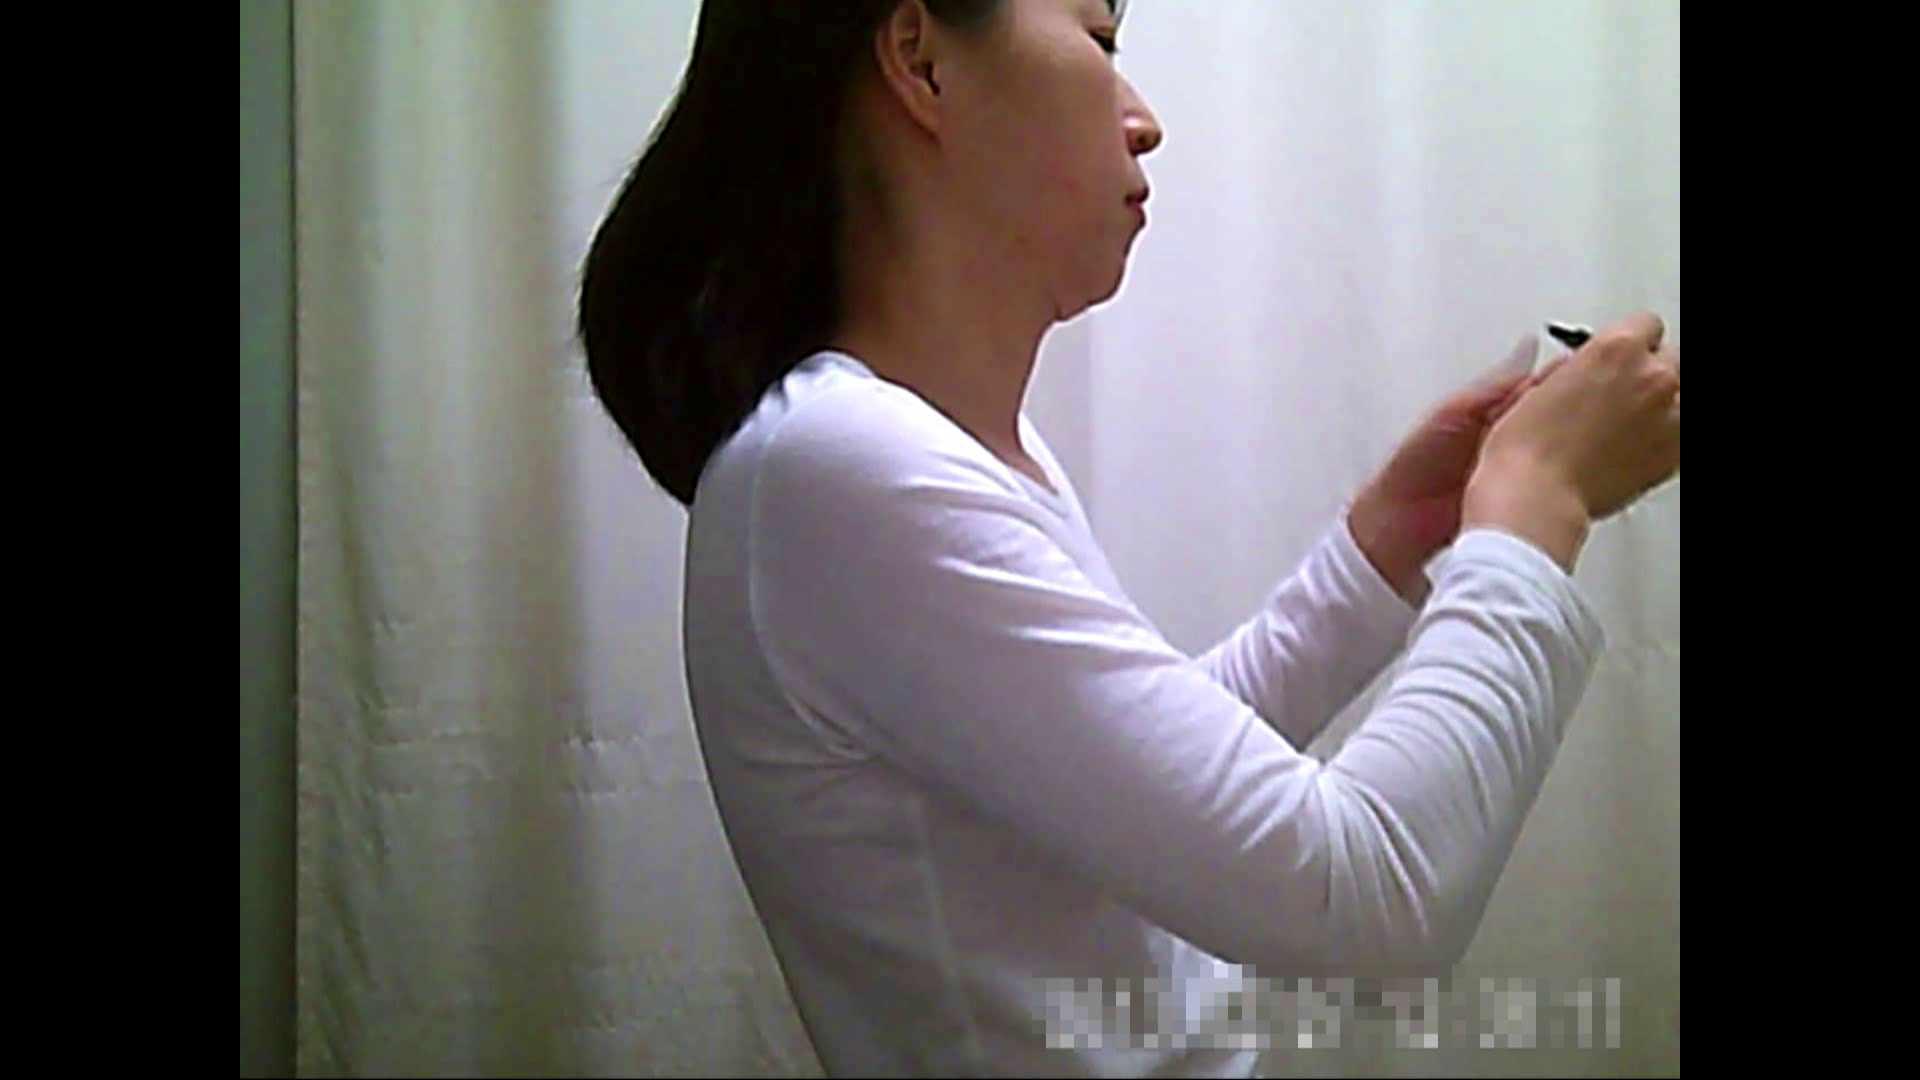 元医者による反抗 更衣室地獄絵巻 vol.104 OLハメ撮り  110Pix 61